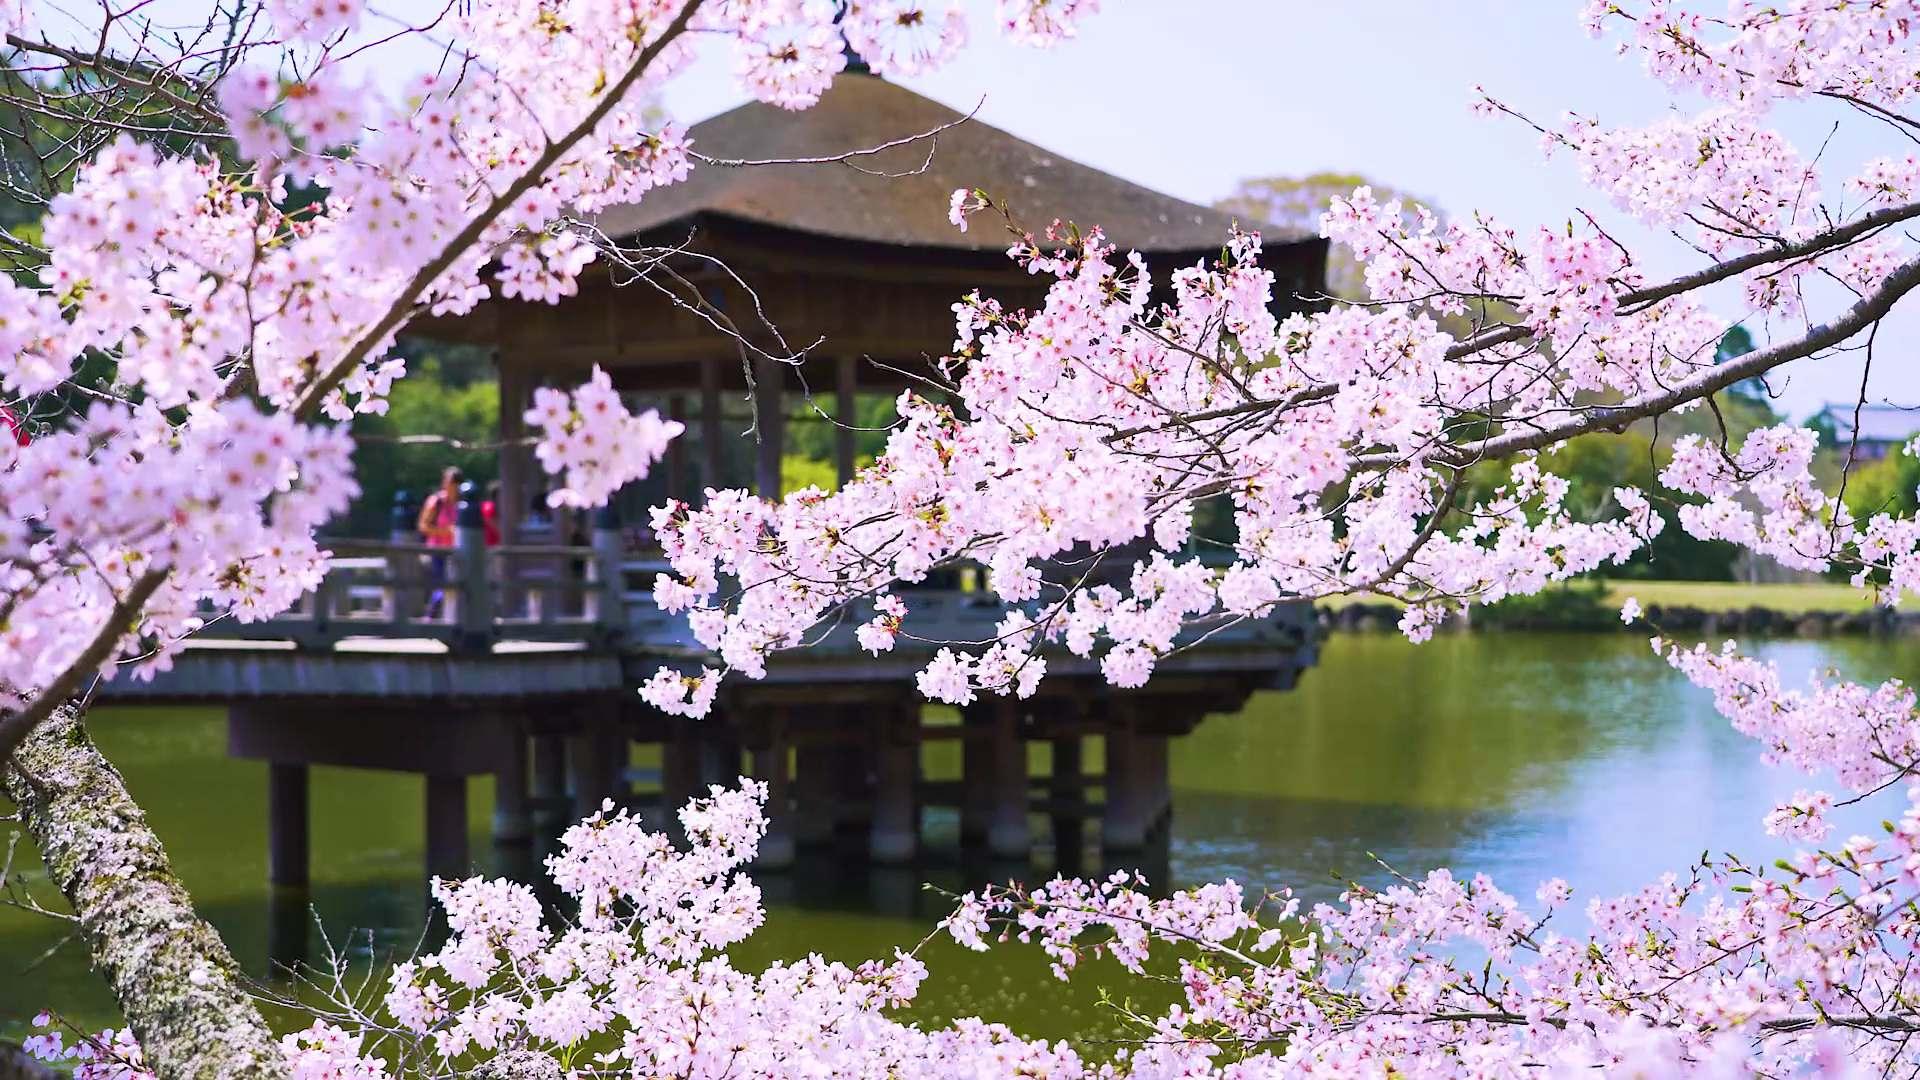 Nara Park in the Spring